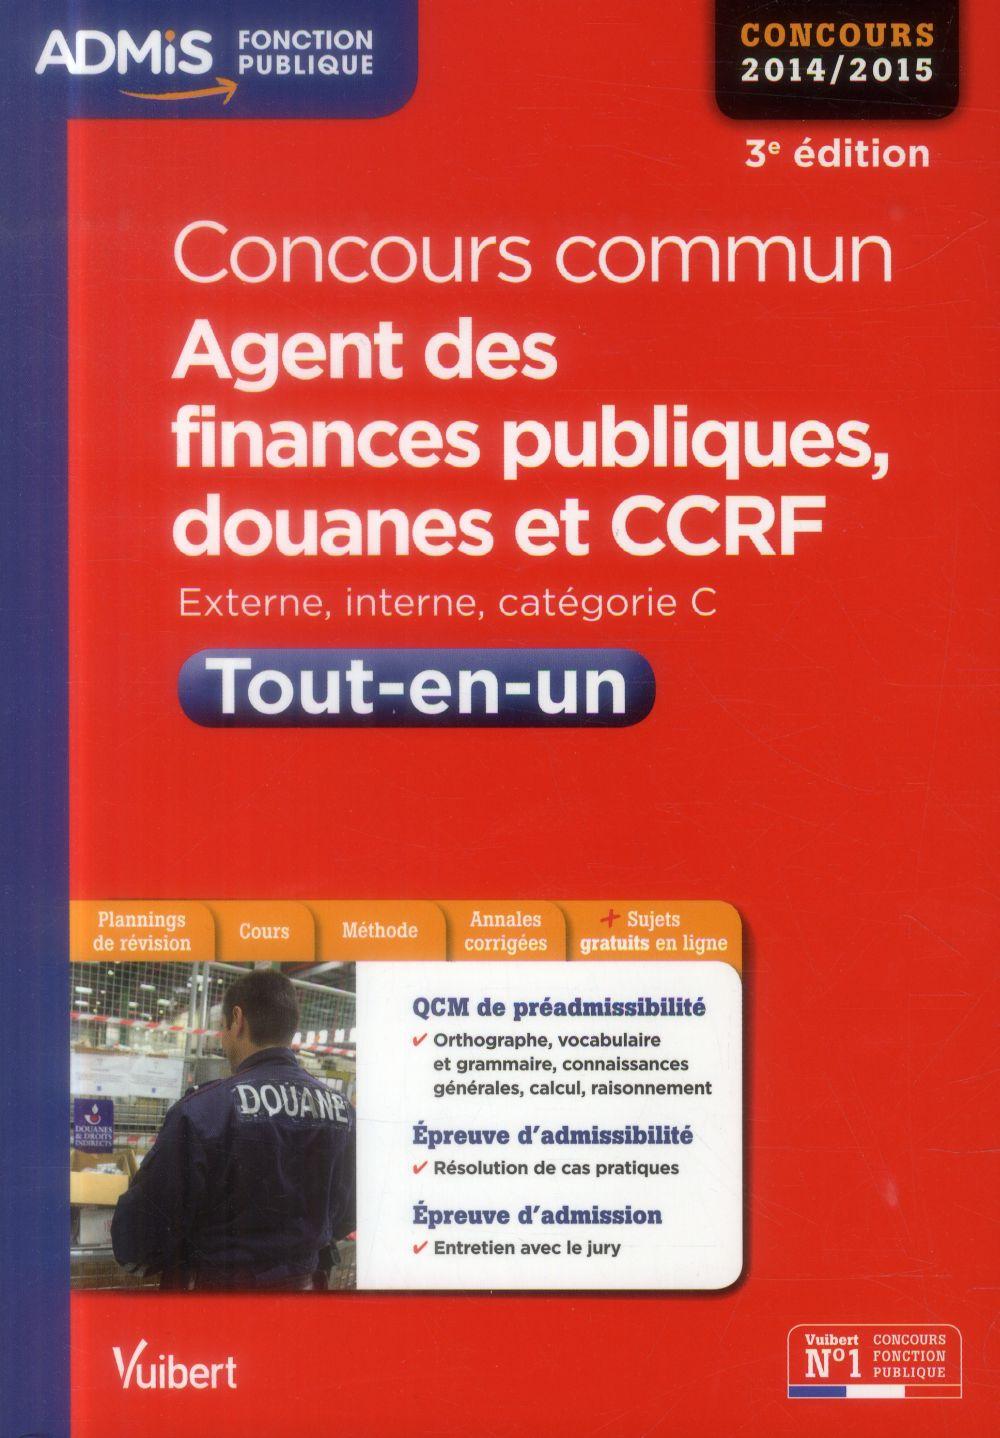 CONCOURS COMMUN AGENT DES FINANCES PUBLIQUES DOUANES ET CCRF TOUT EN UN